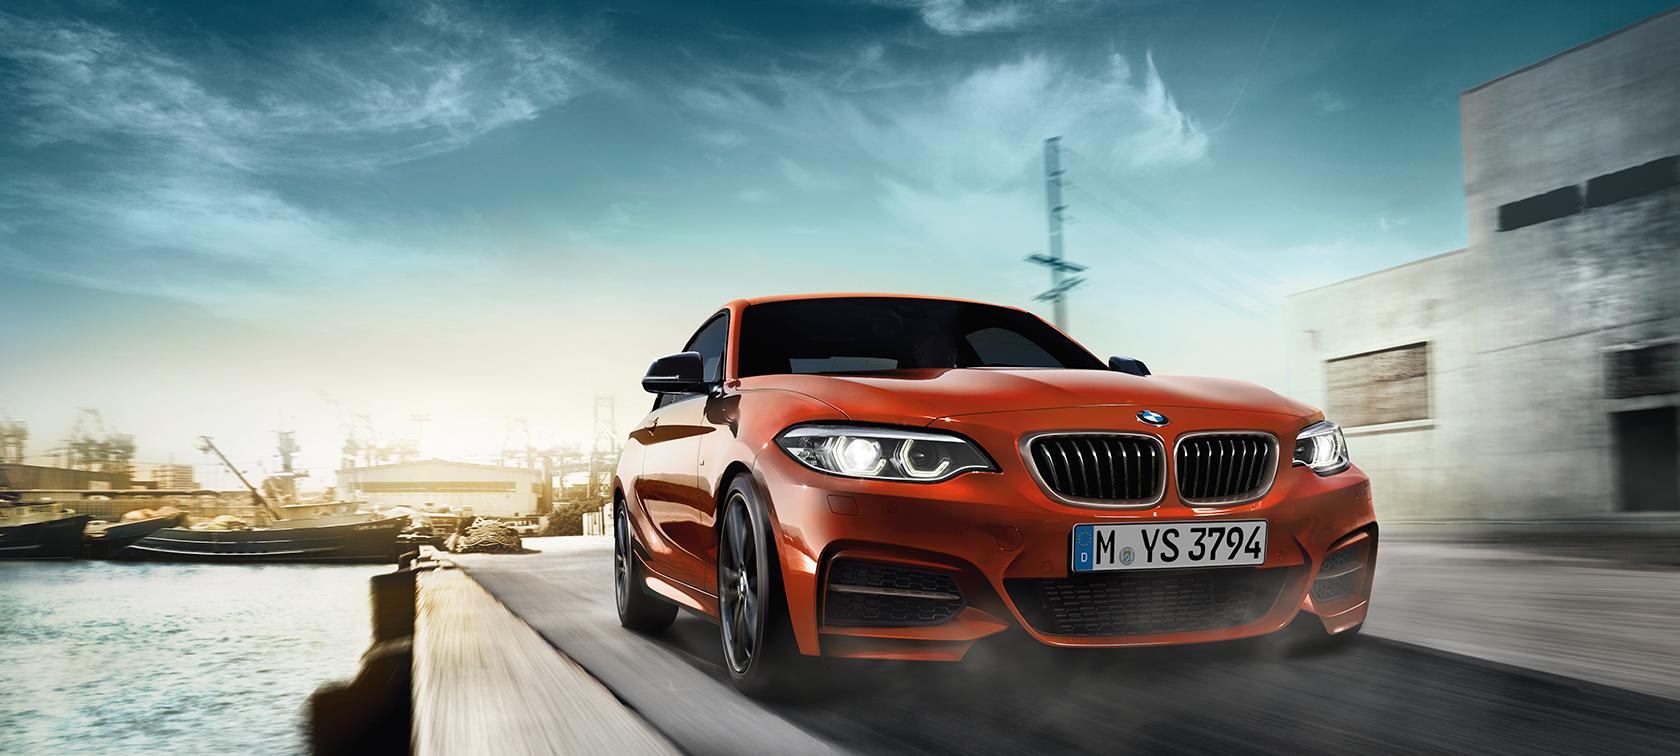 BMW Serie 2 Coupé, toma en movimiento de tres cuartos frontal